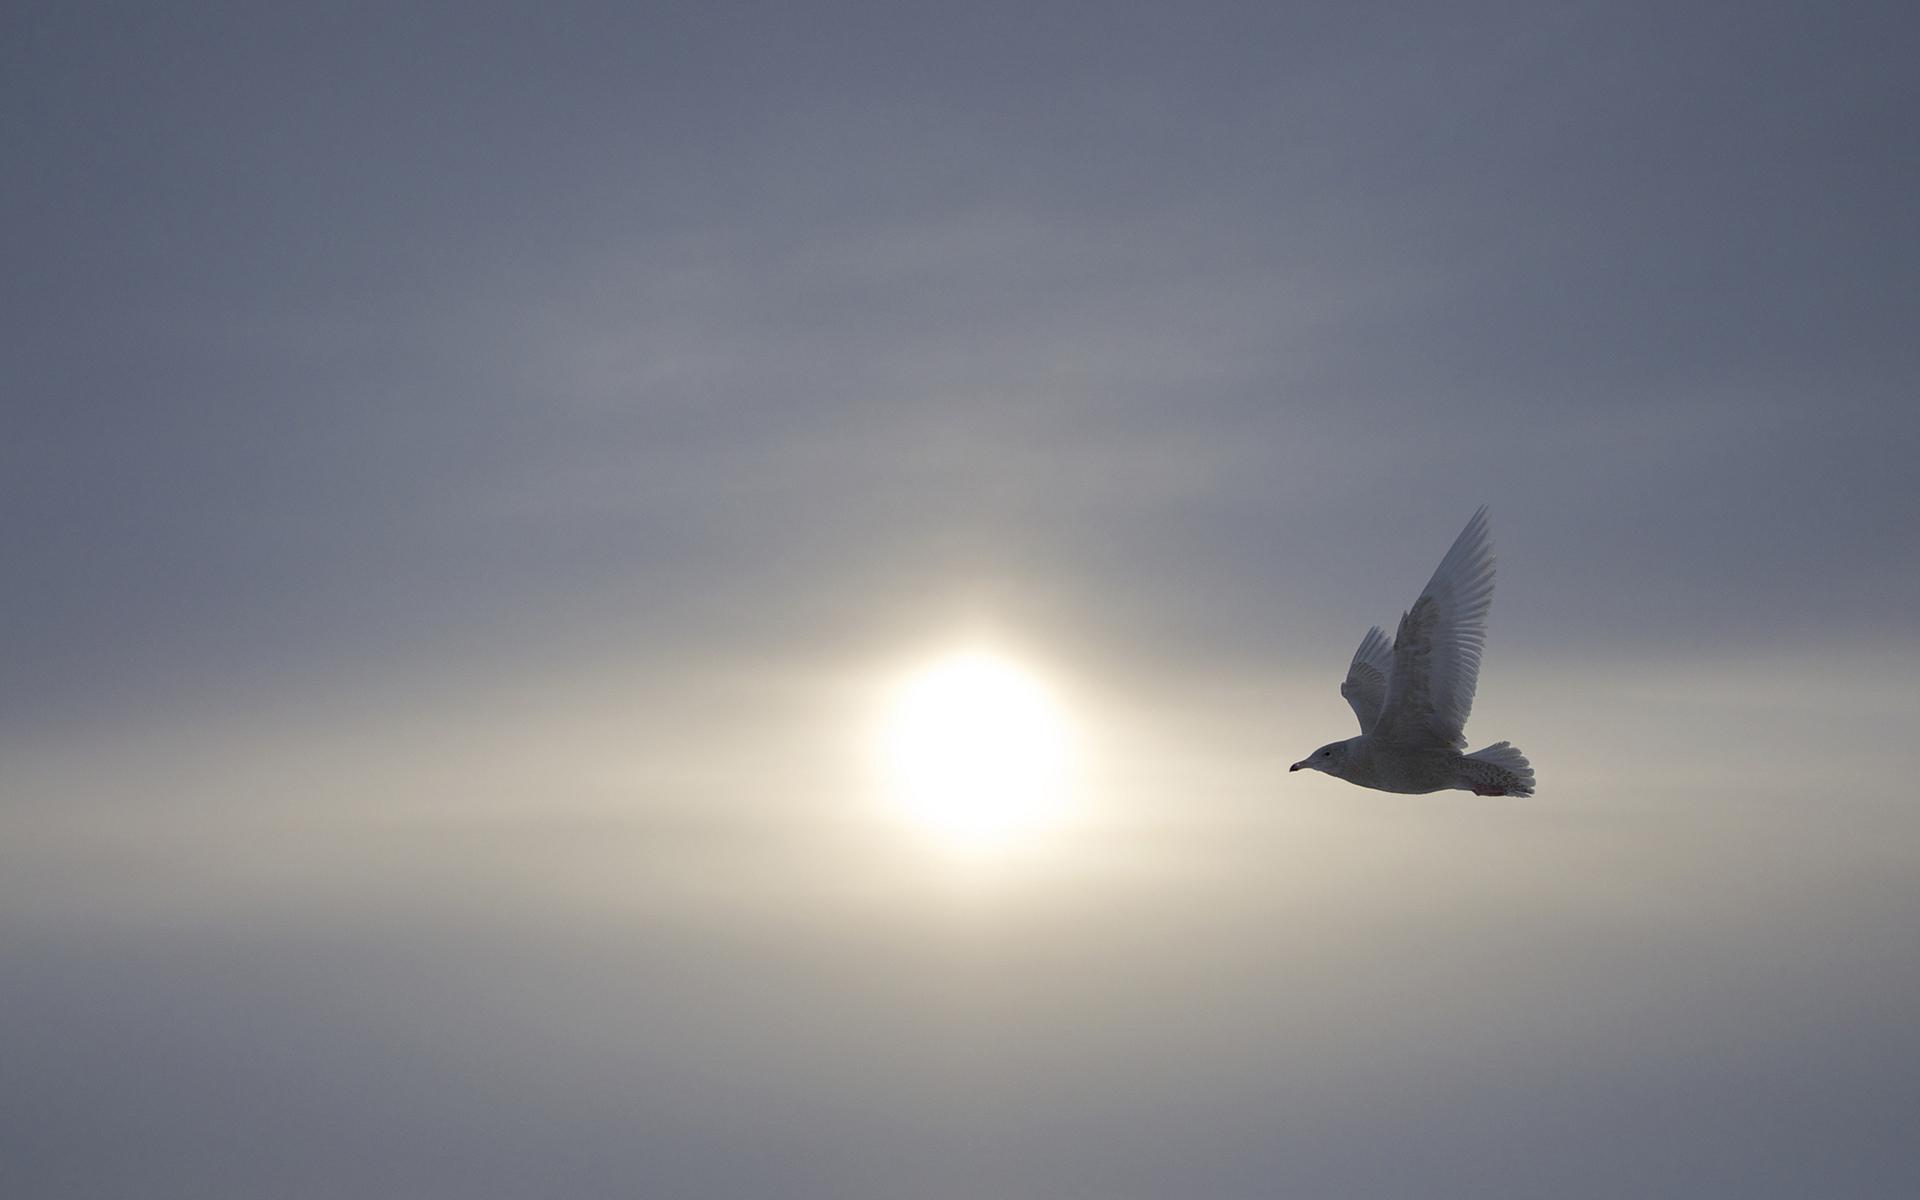 Αποτέλεσμα εικόνας για bird sky